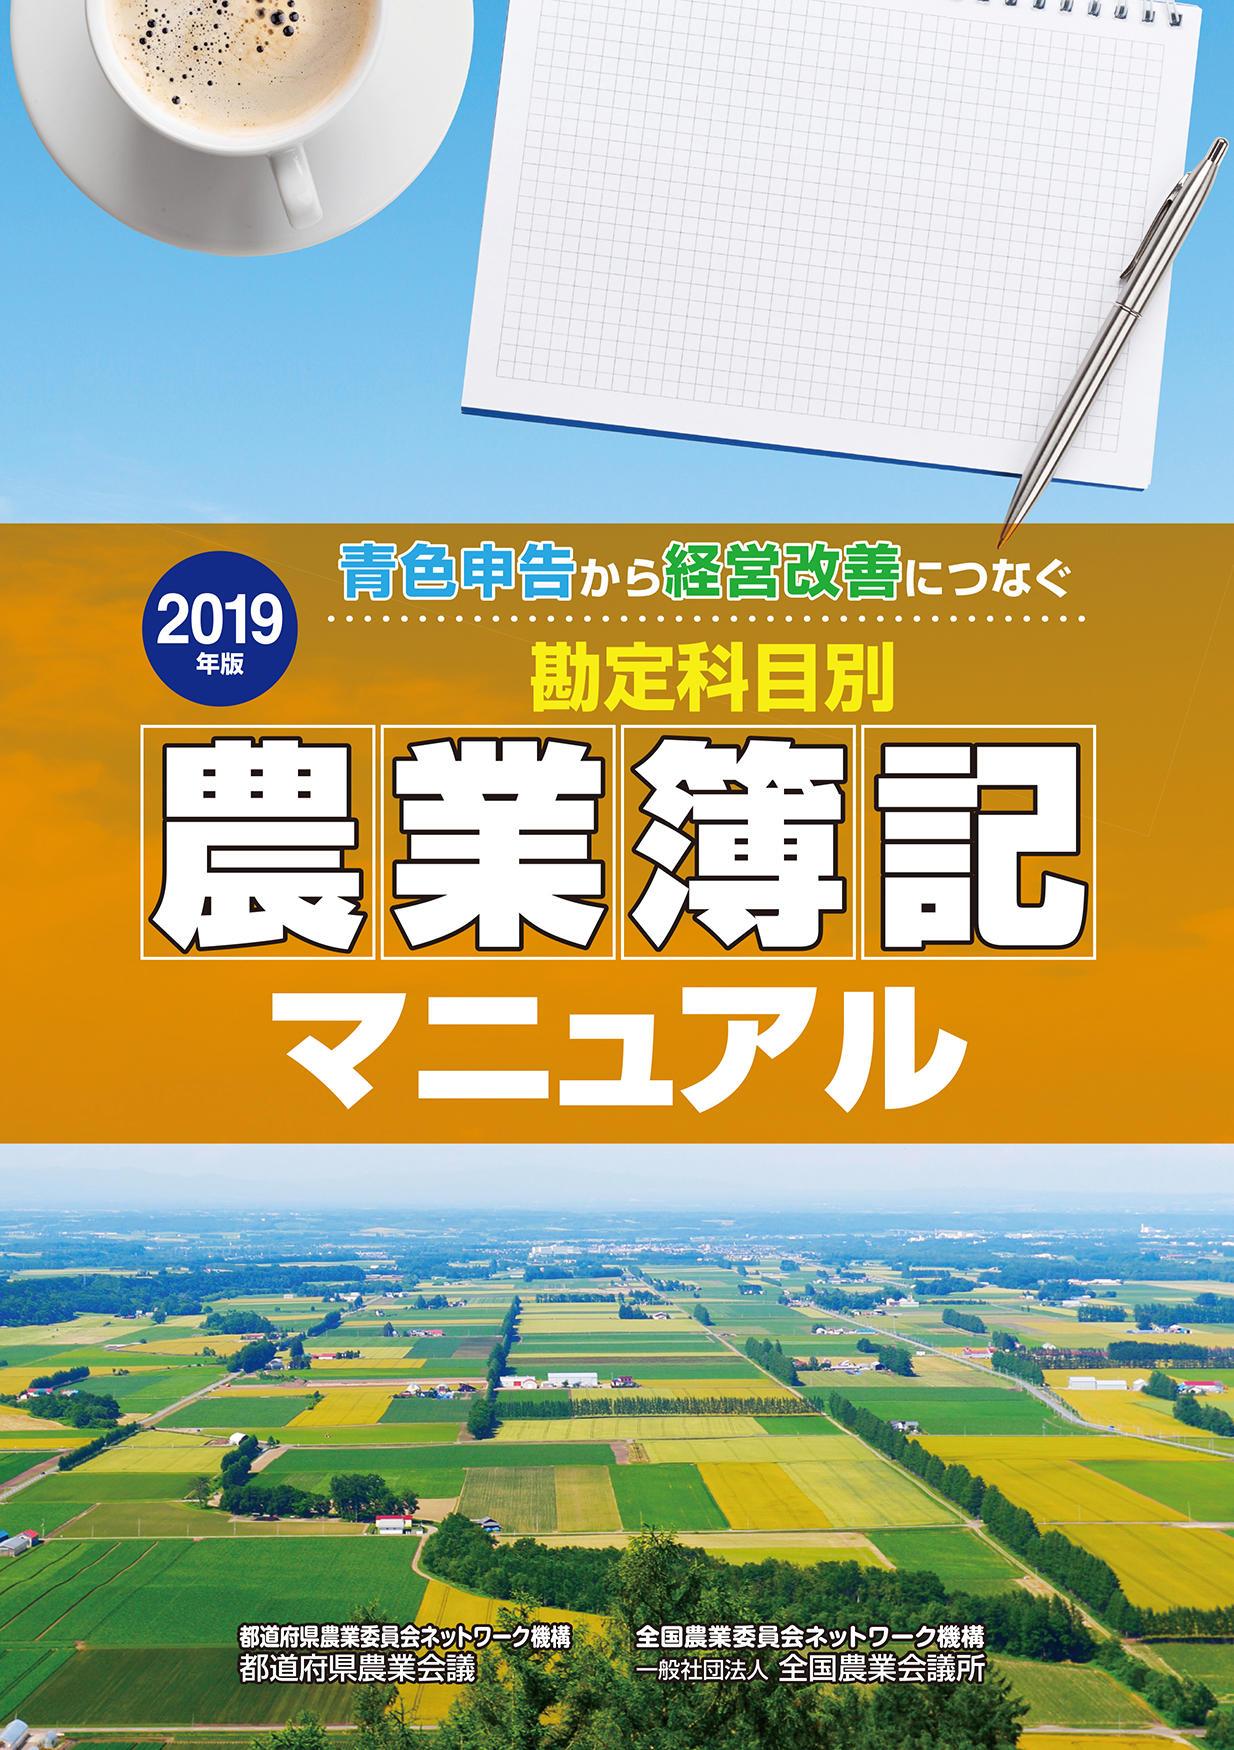 31-37農業簿記マニュアル_表紙.jpg